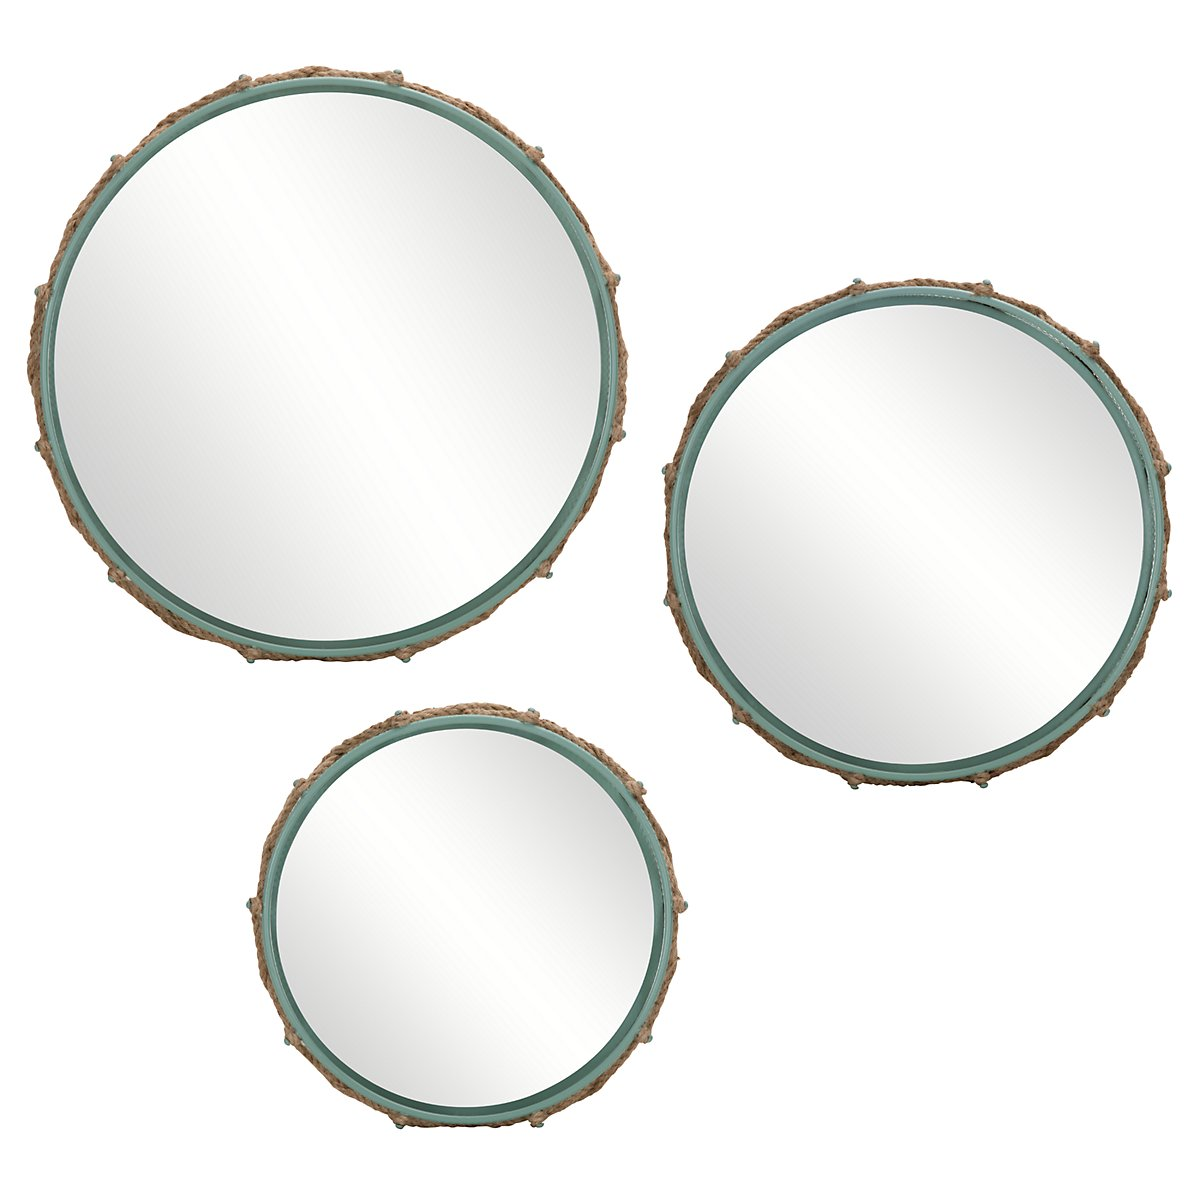 Gavin Light Blue Set Of 3 Mirror